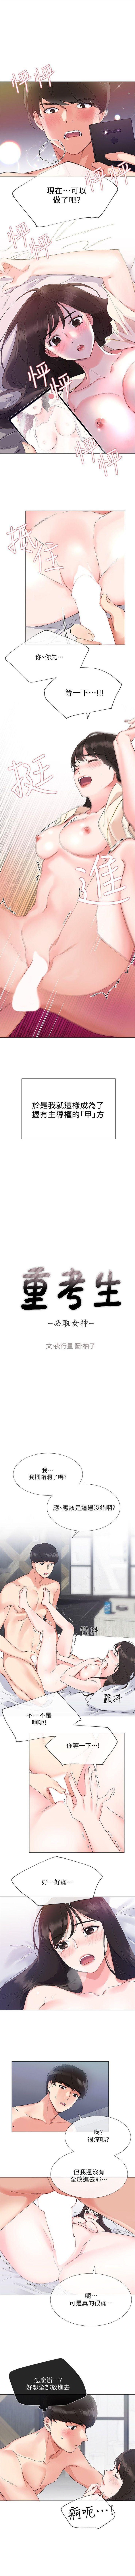 重考生 1-44 中文翻译(更新中) 15